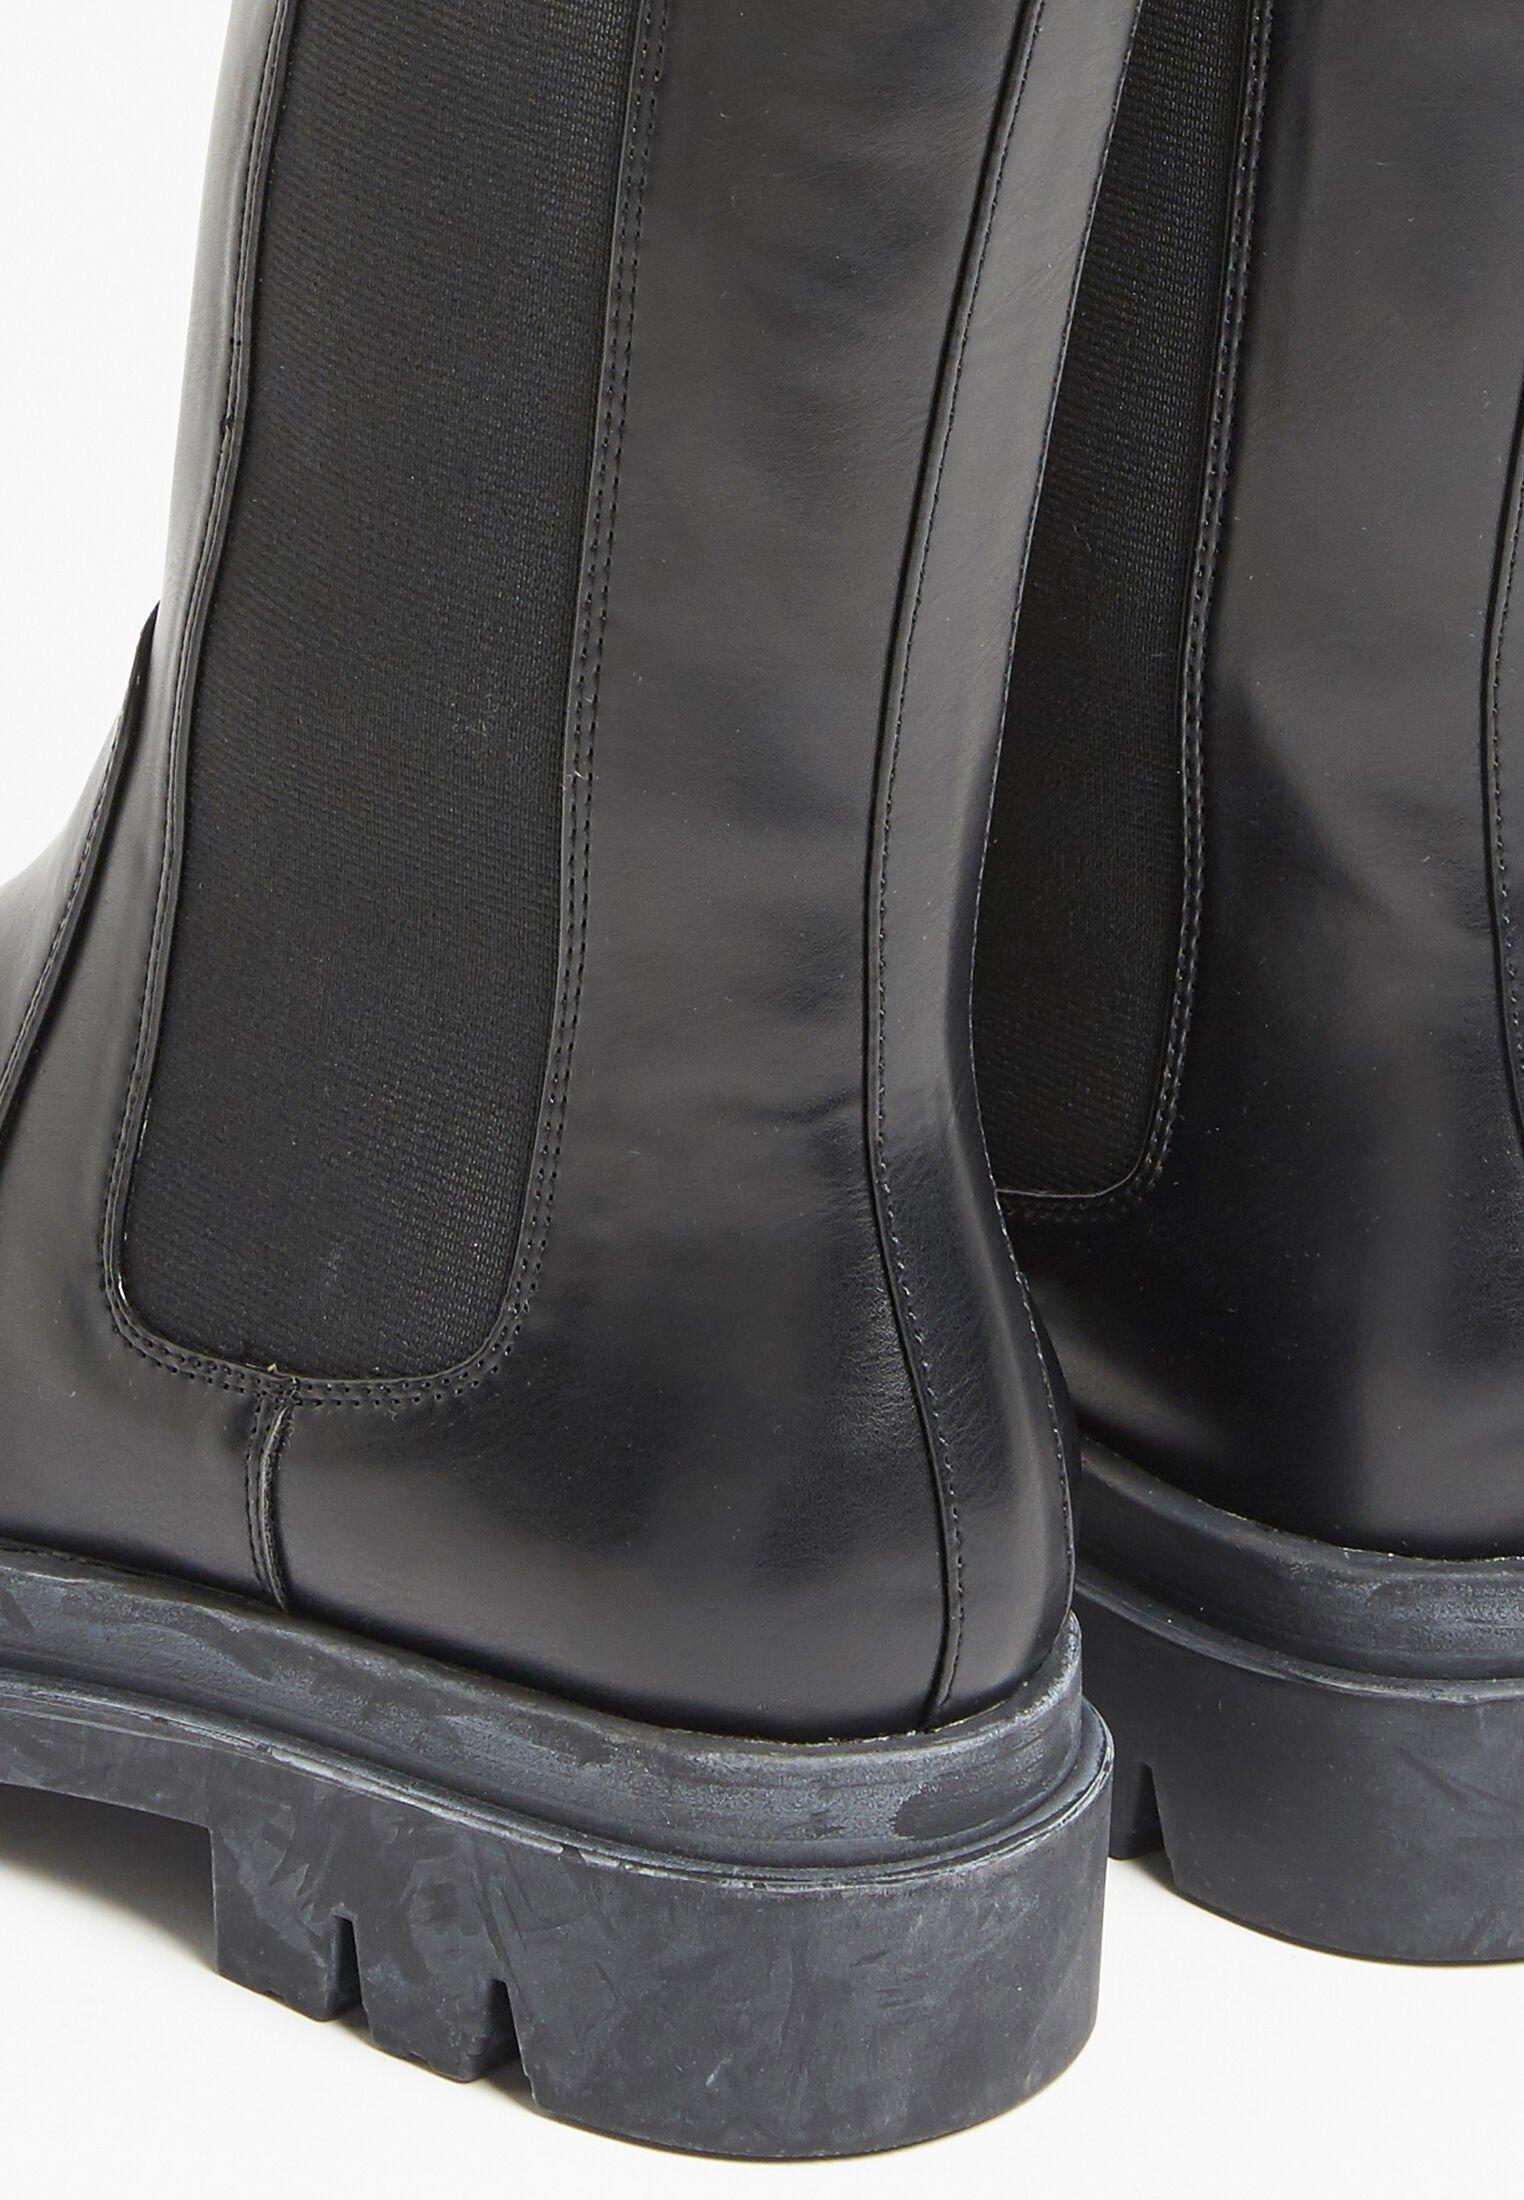 Pimkie Stiefel schwarz